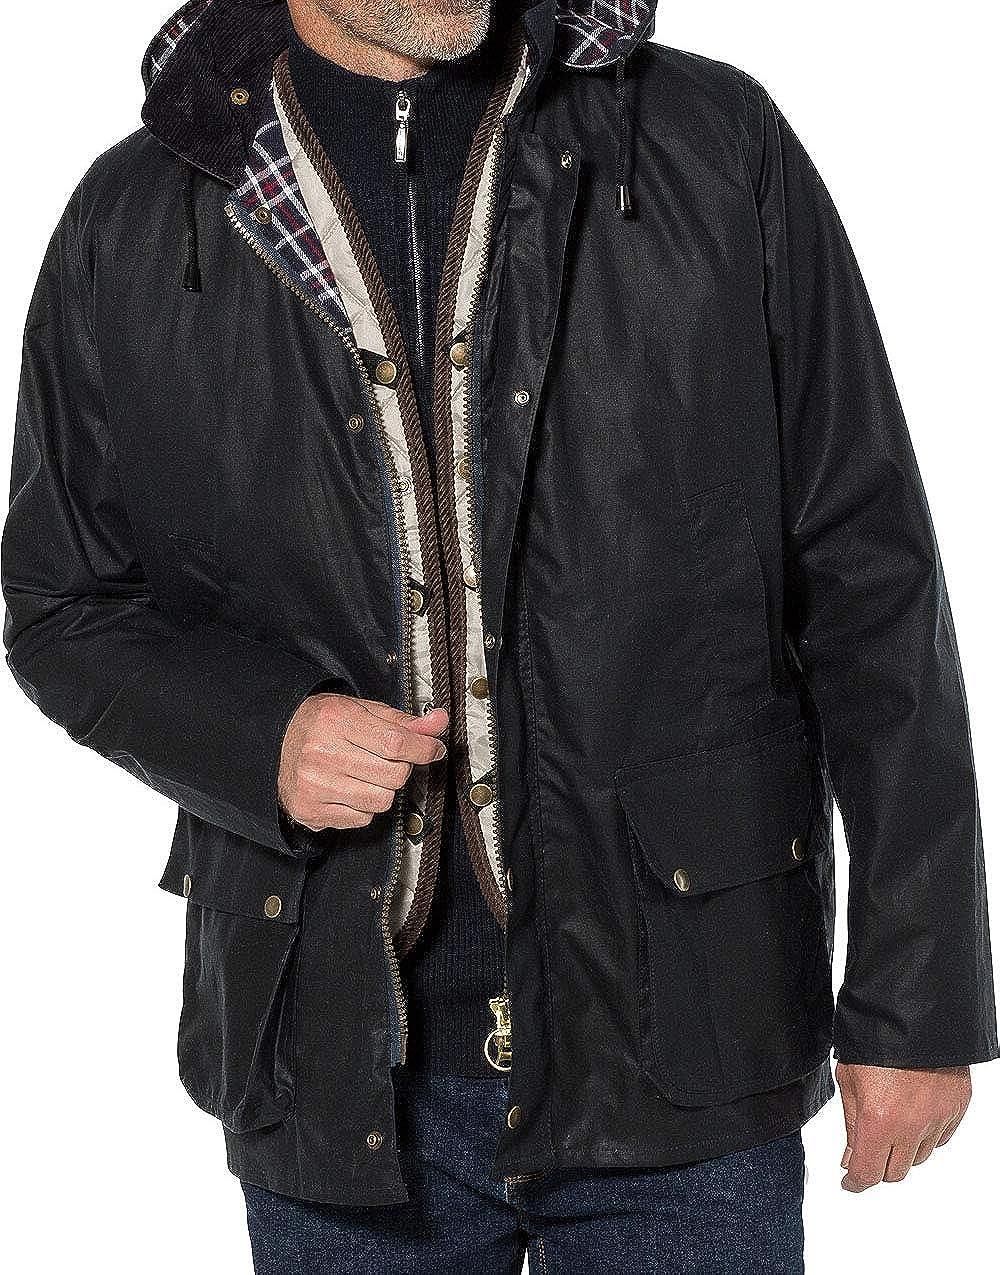 48-61 Royal Spencer Herren Wachsjacke stilvolle Wind- und Regenjacke Outdoorjacke mit vielen Taschen /& Abnehmbarer Kapuze Gr